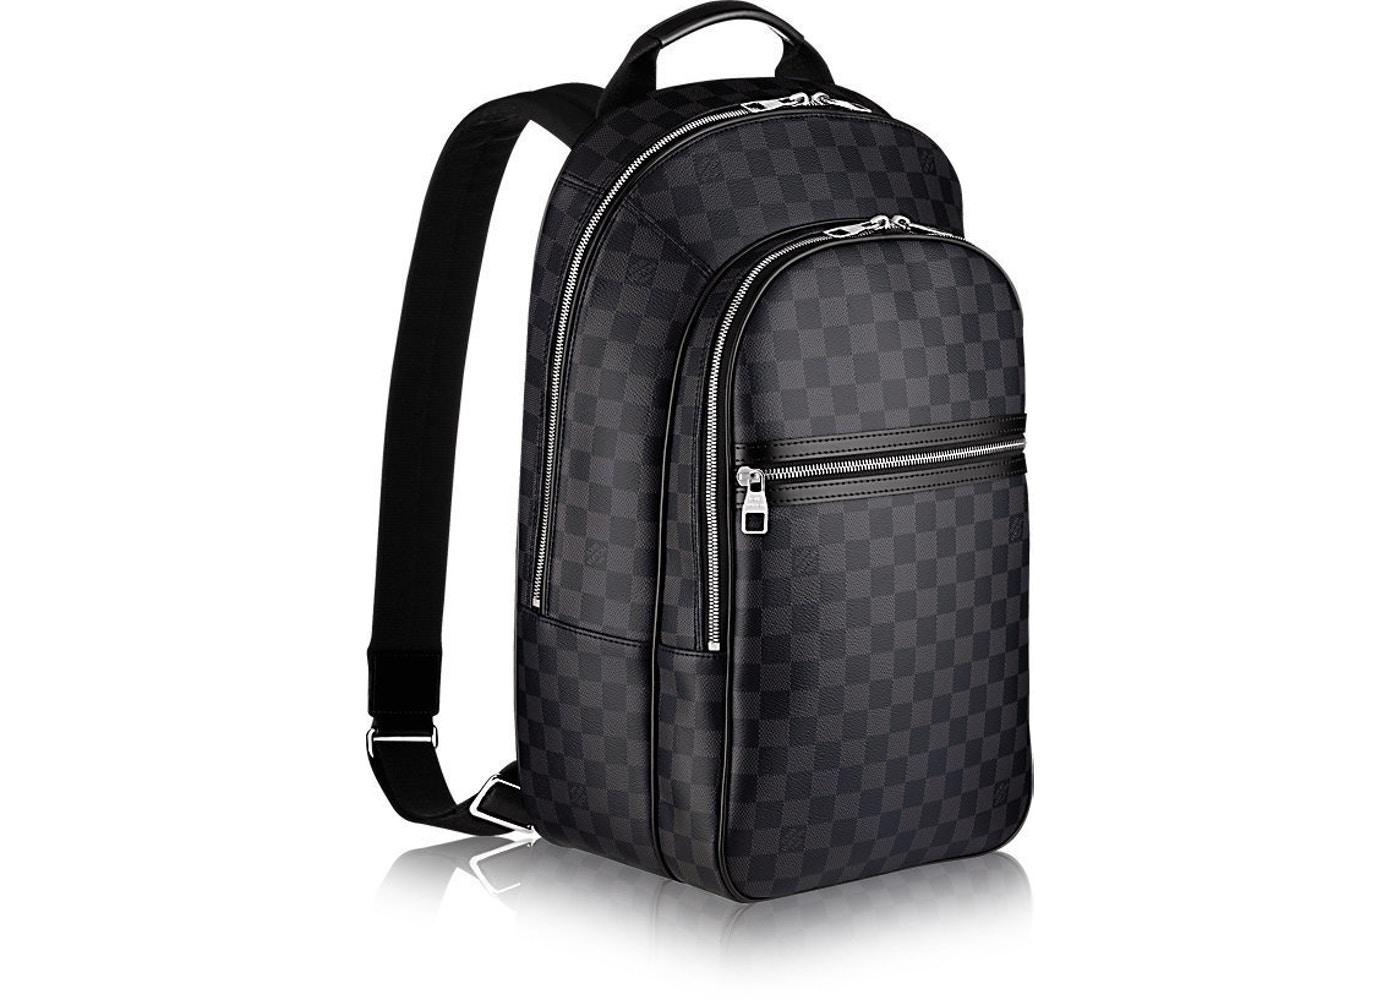 9f4e187618ba1 Louis Vuitton Backpack Michael NM Damier Graphite Noir